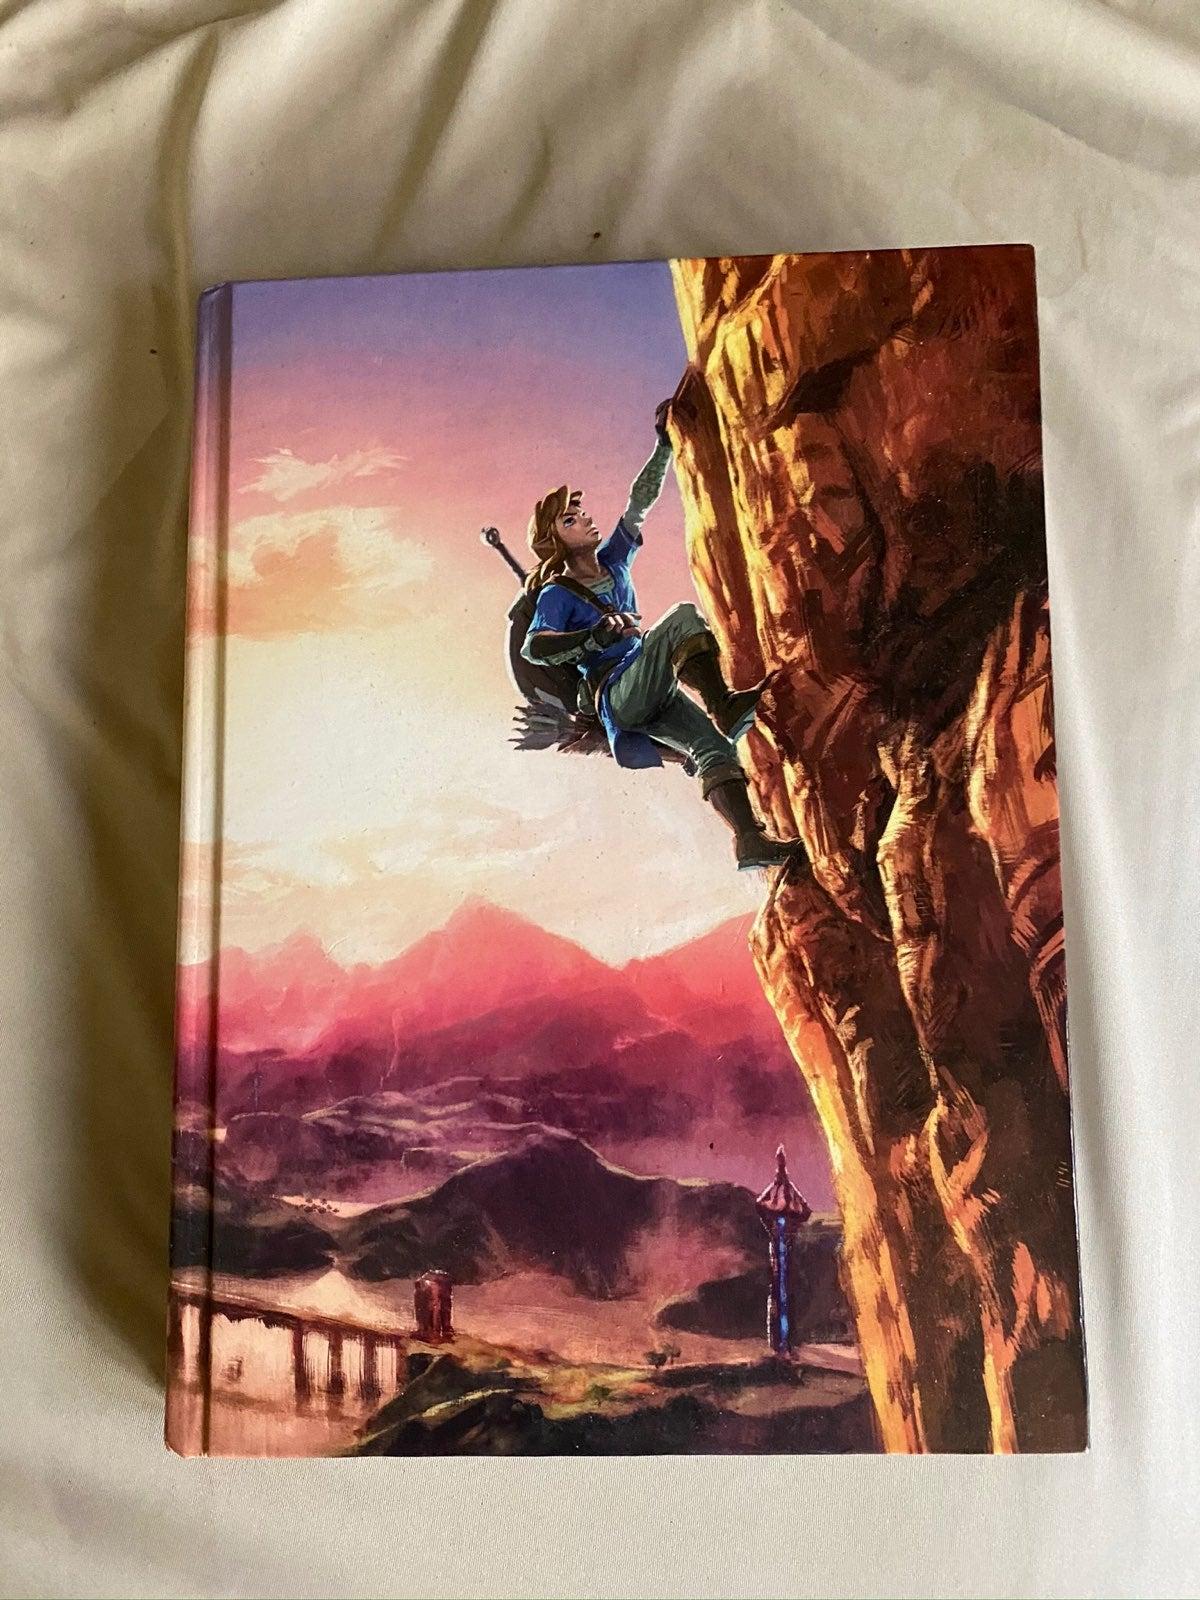 Zelda BotW Collector's Guide